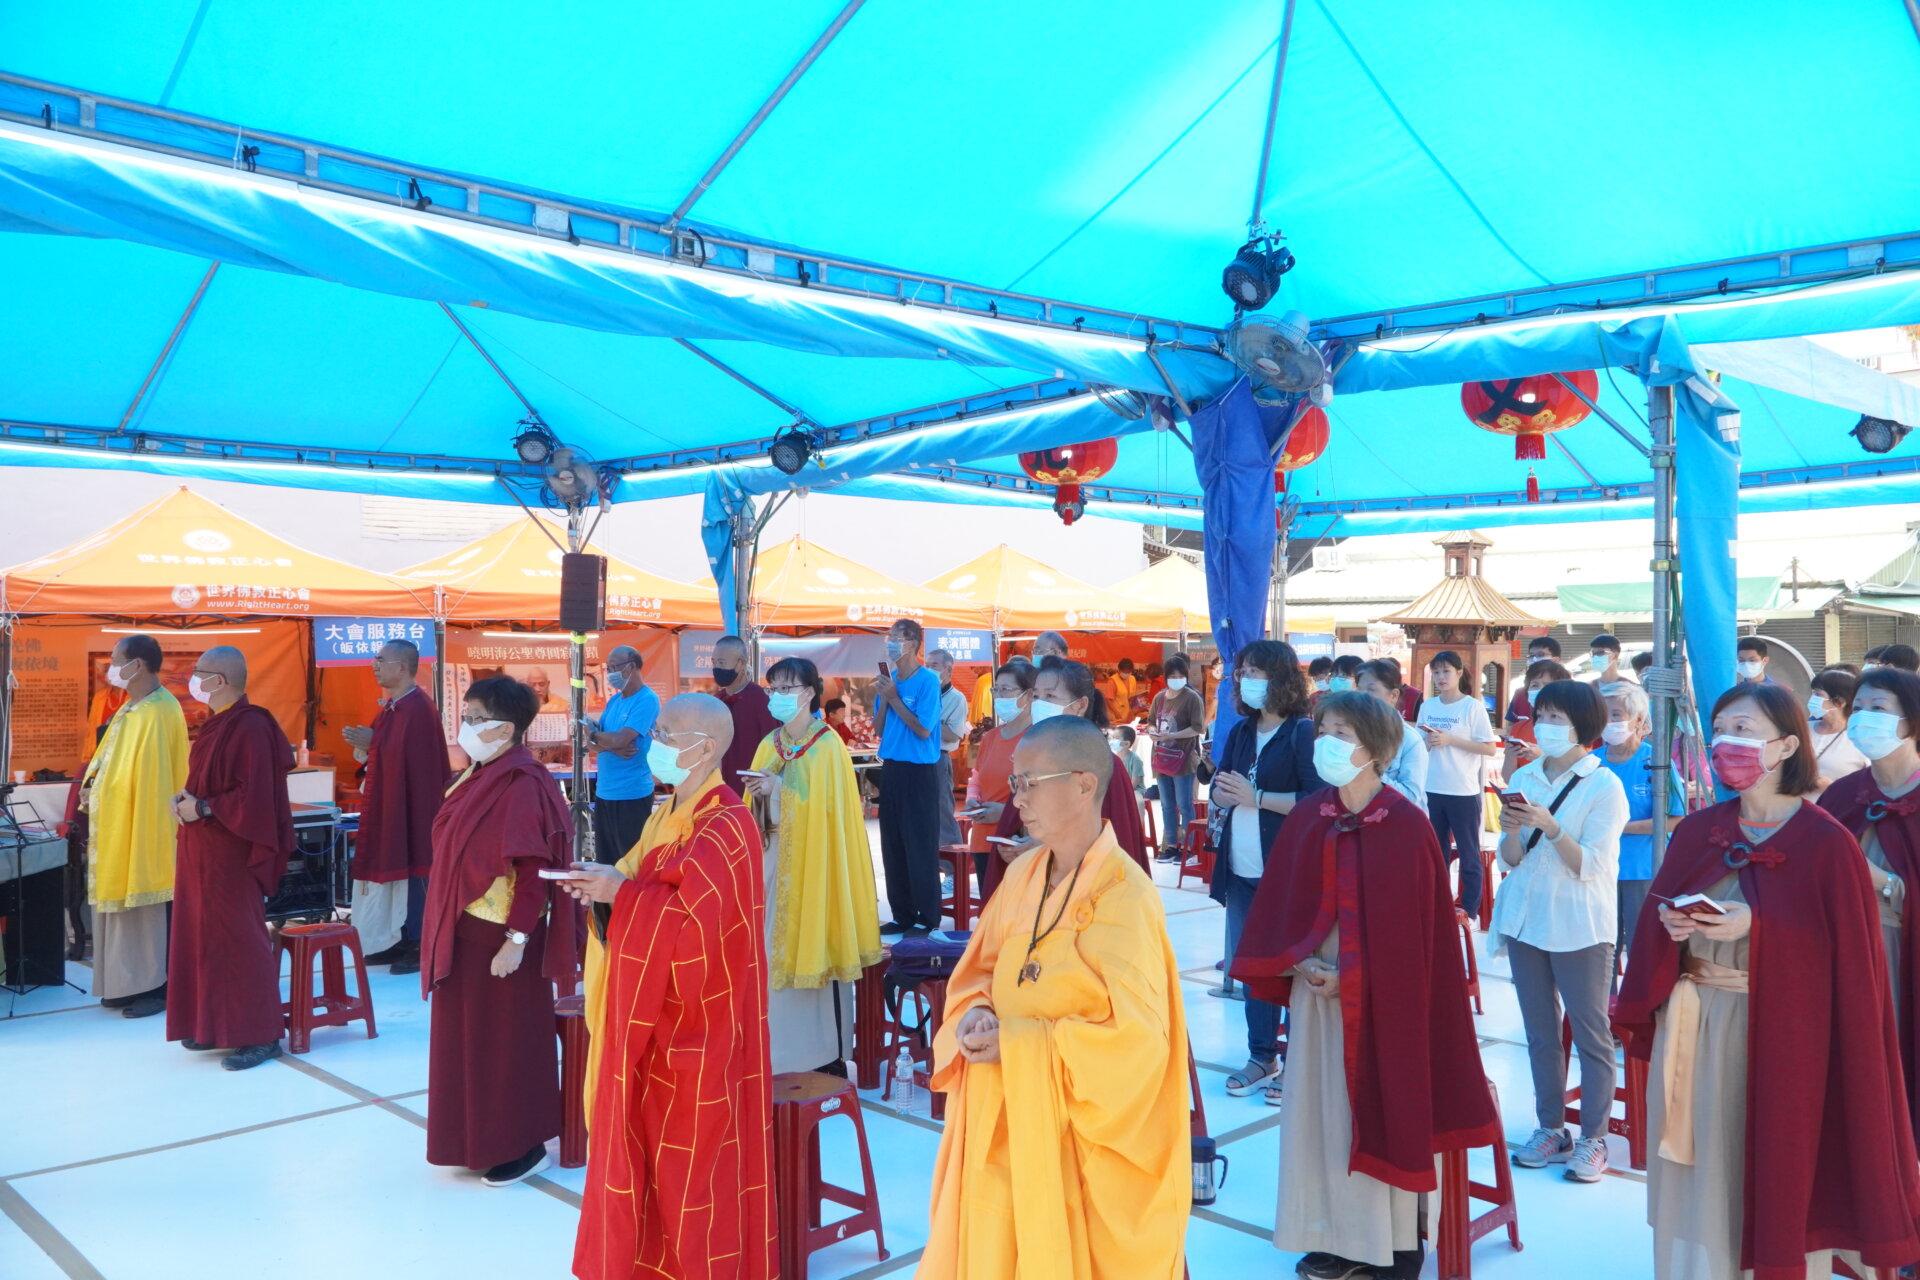 行動佛殿111站嘉義市地藏庵旁,環島祈福誦經法會